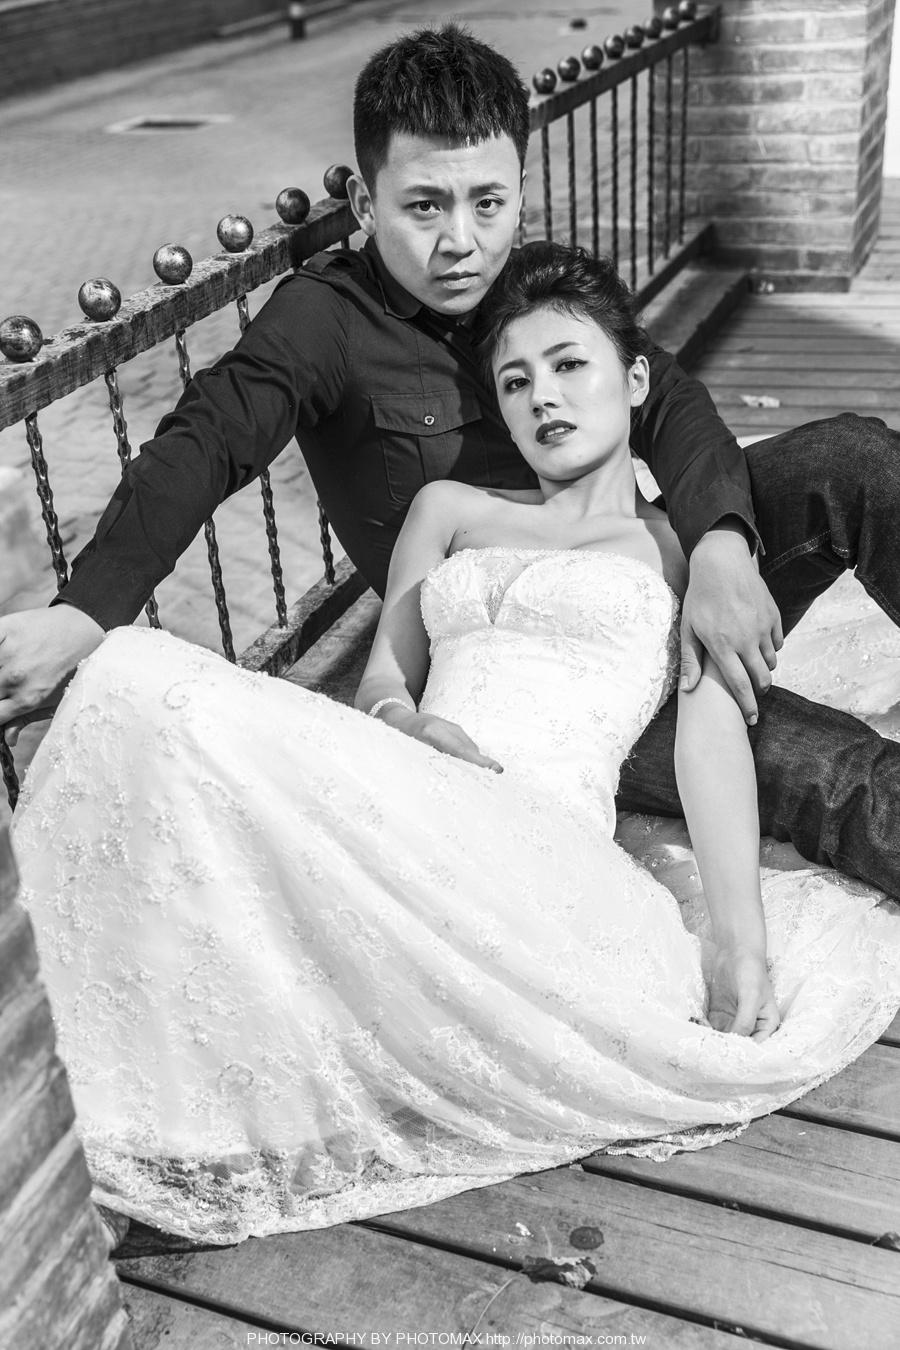 耿苖苖 PHOTOMAX 老麦摄影 北京婚纱摄影 绕着世界拍爱情 (8)